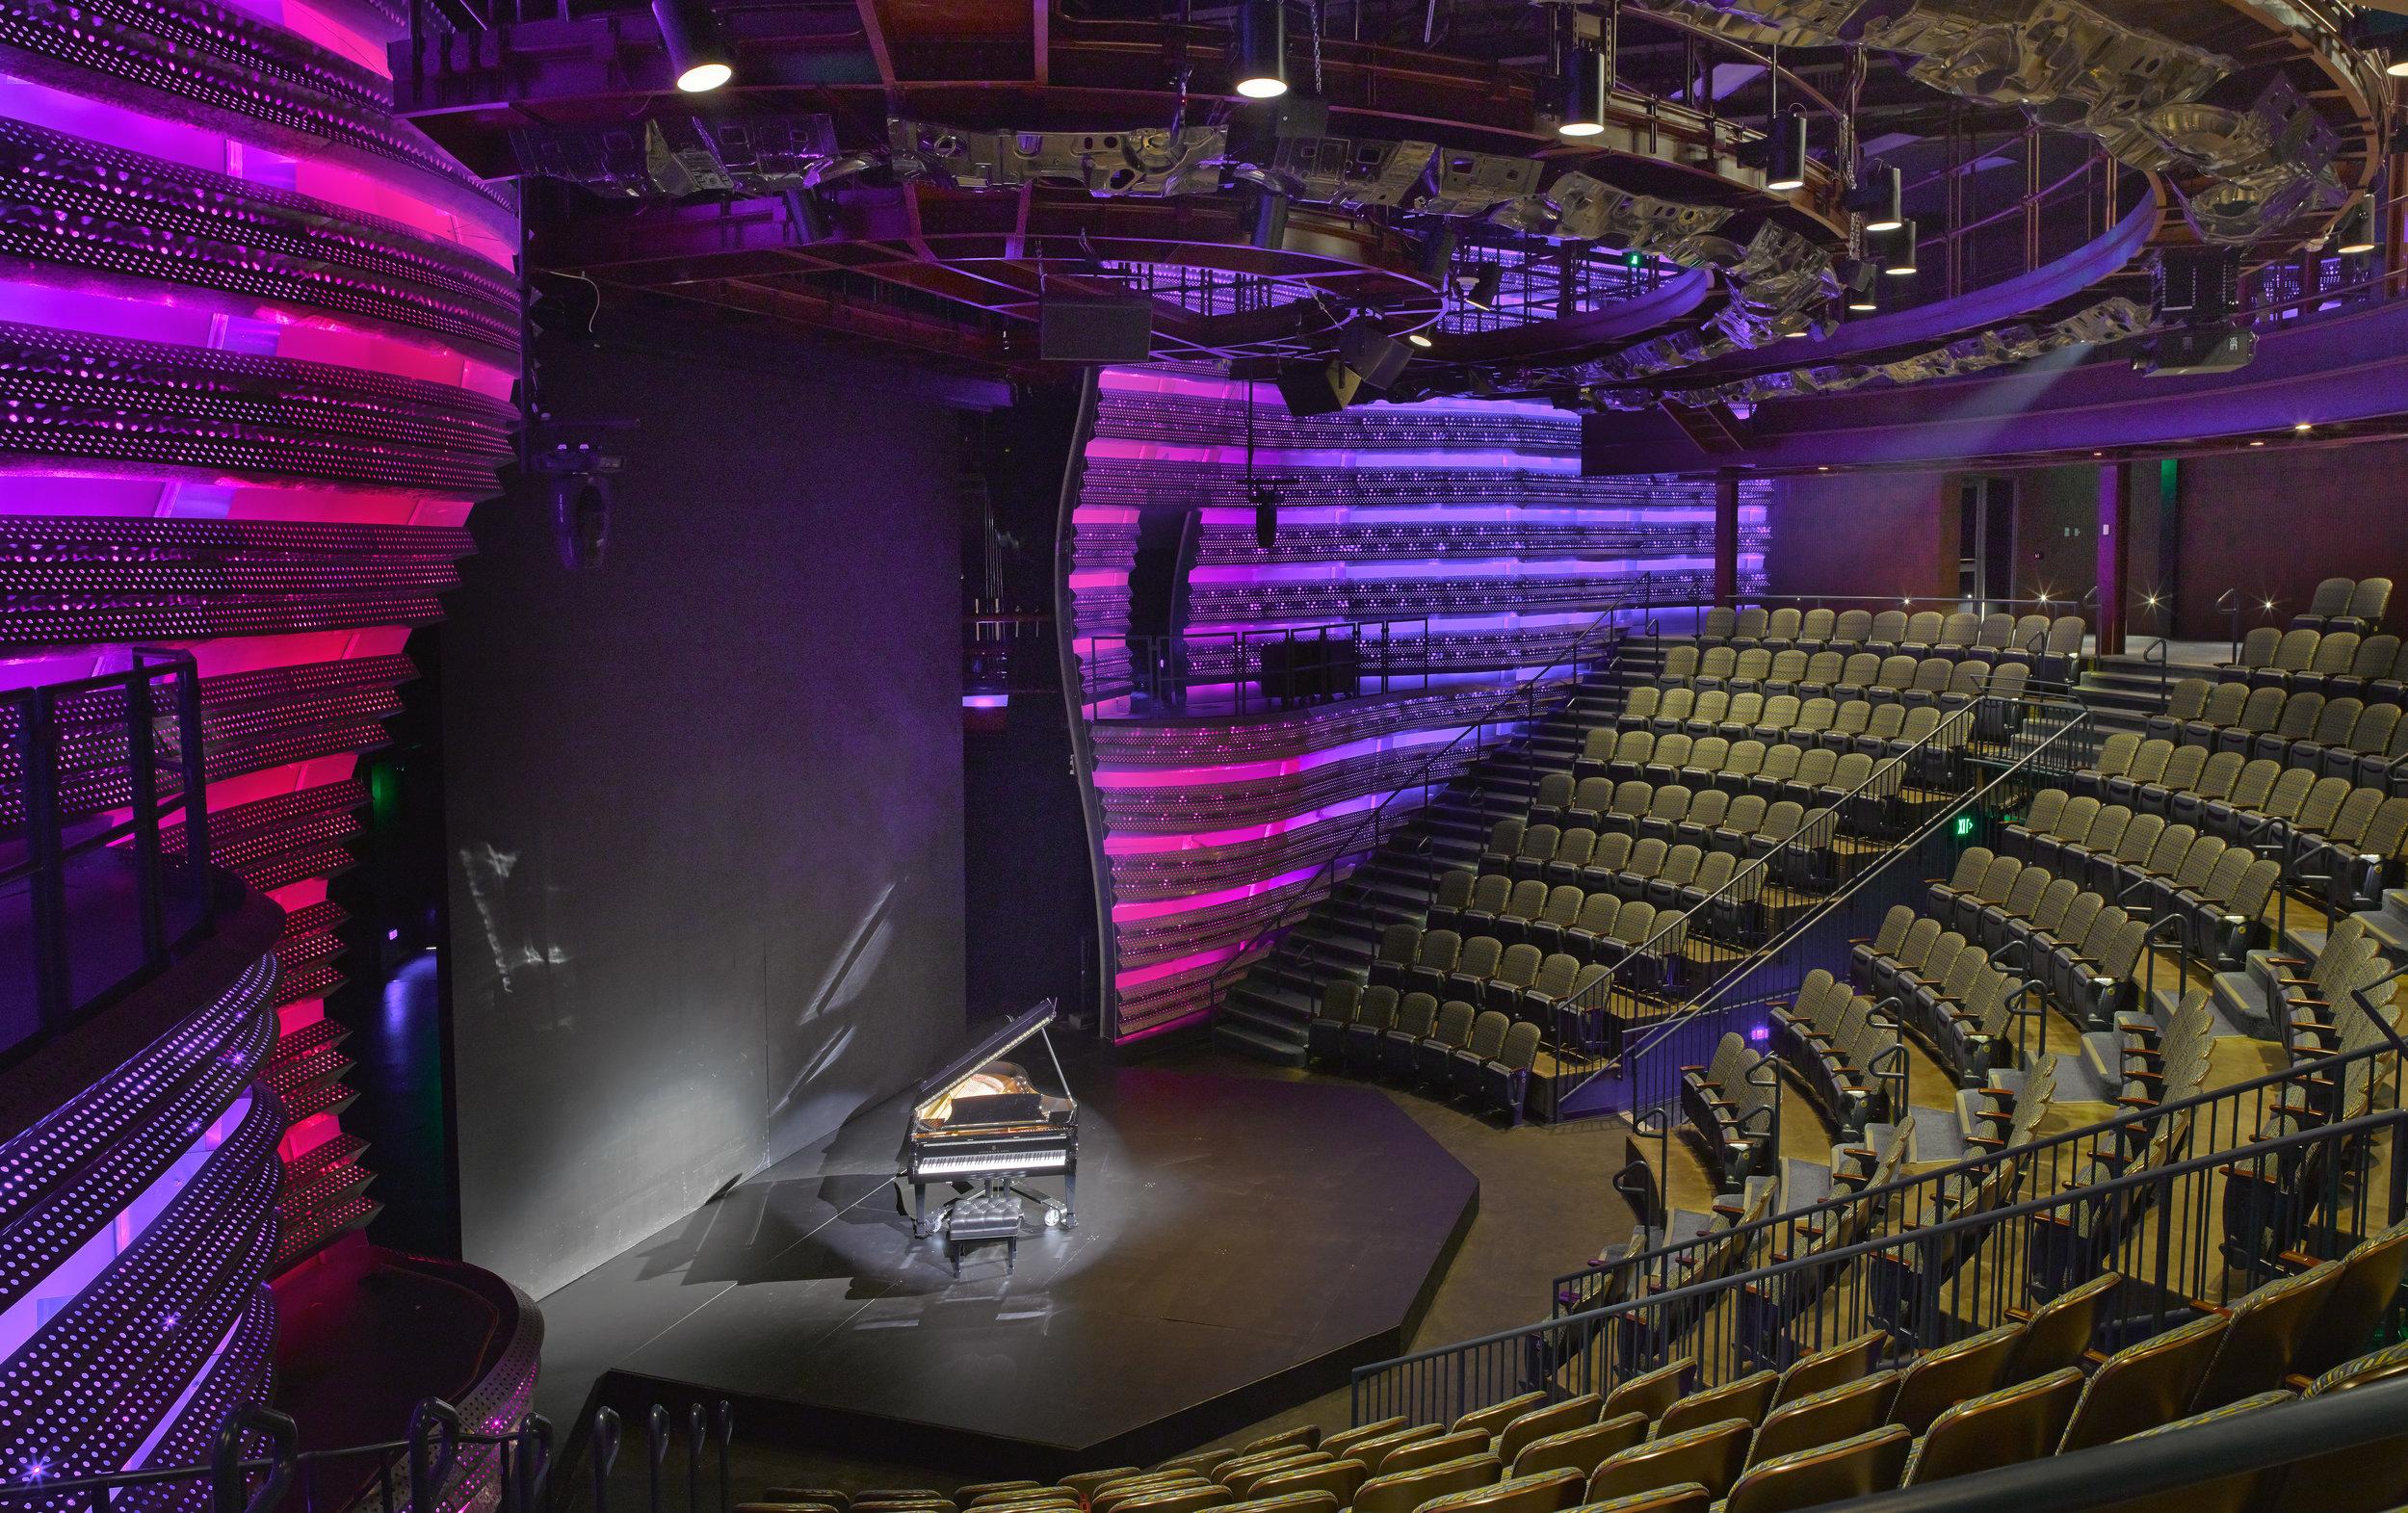 USI Teaching Theater - Evansville, Indiana